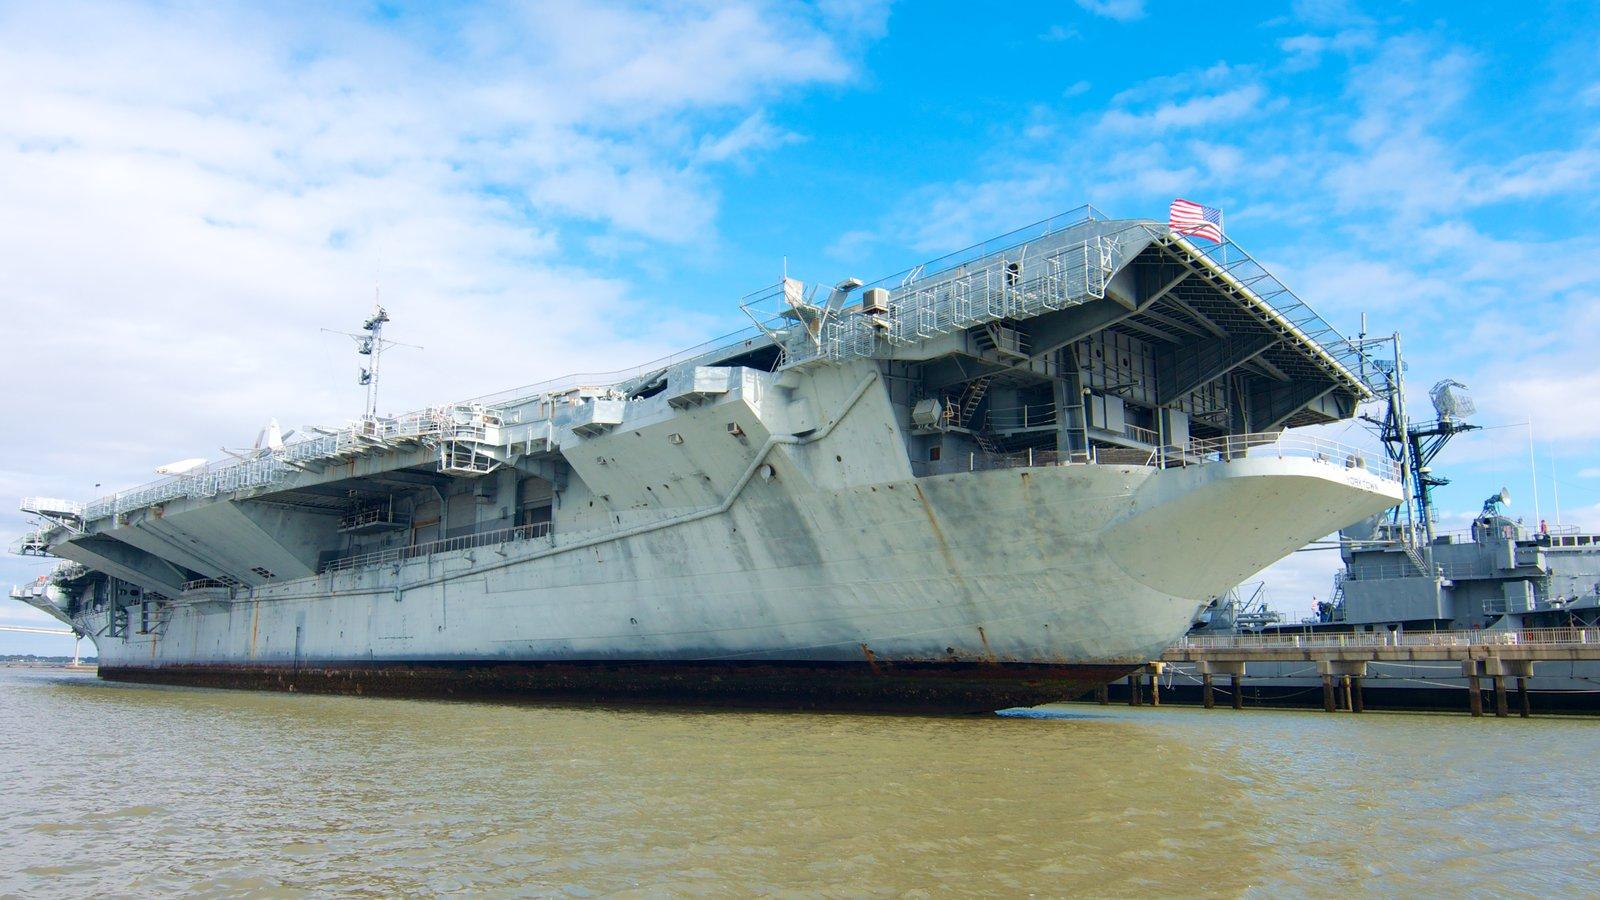 Carolina do Sul caracterizando itens militares e uma marina